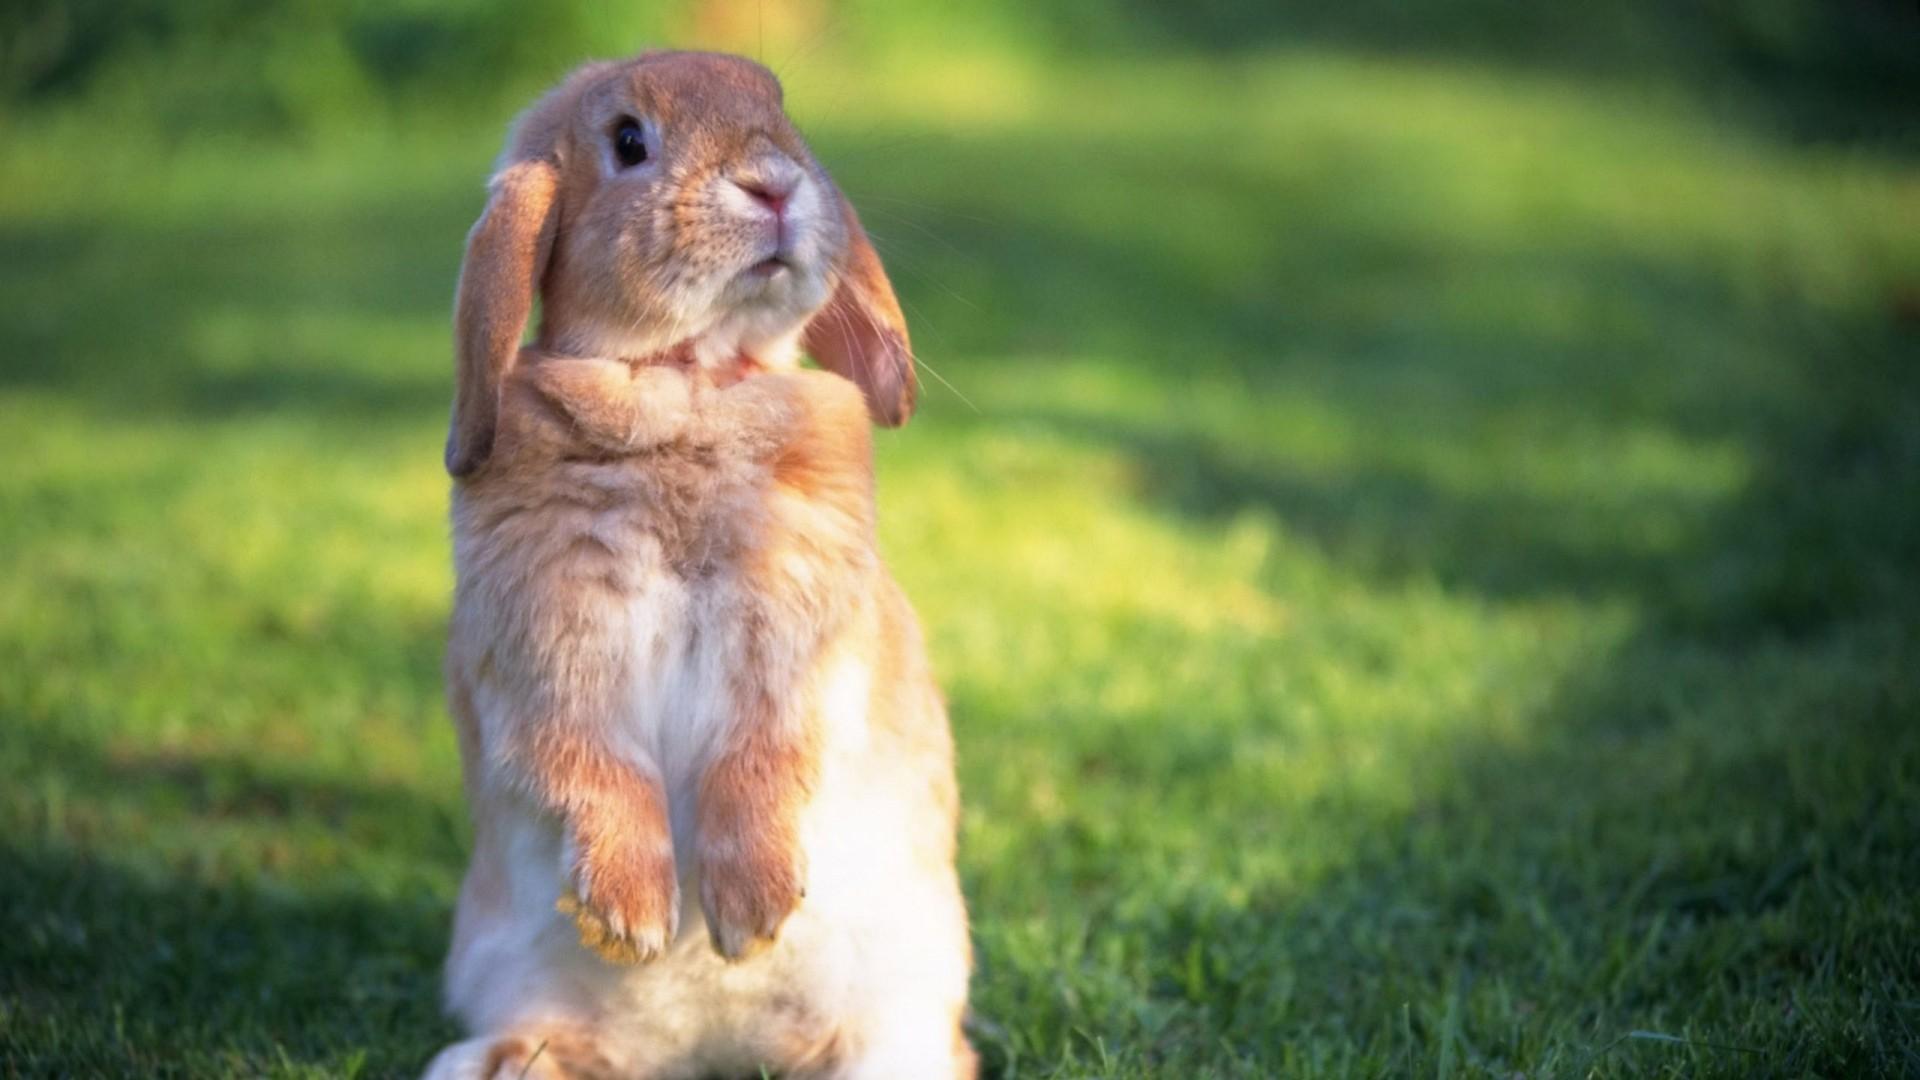 Bunny computer wallpaper